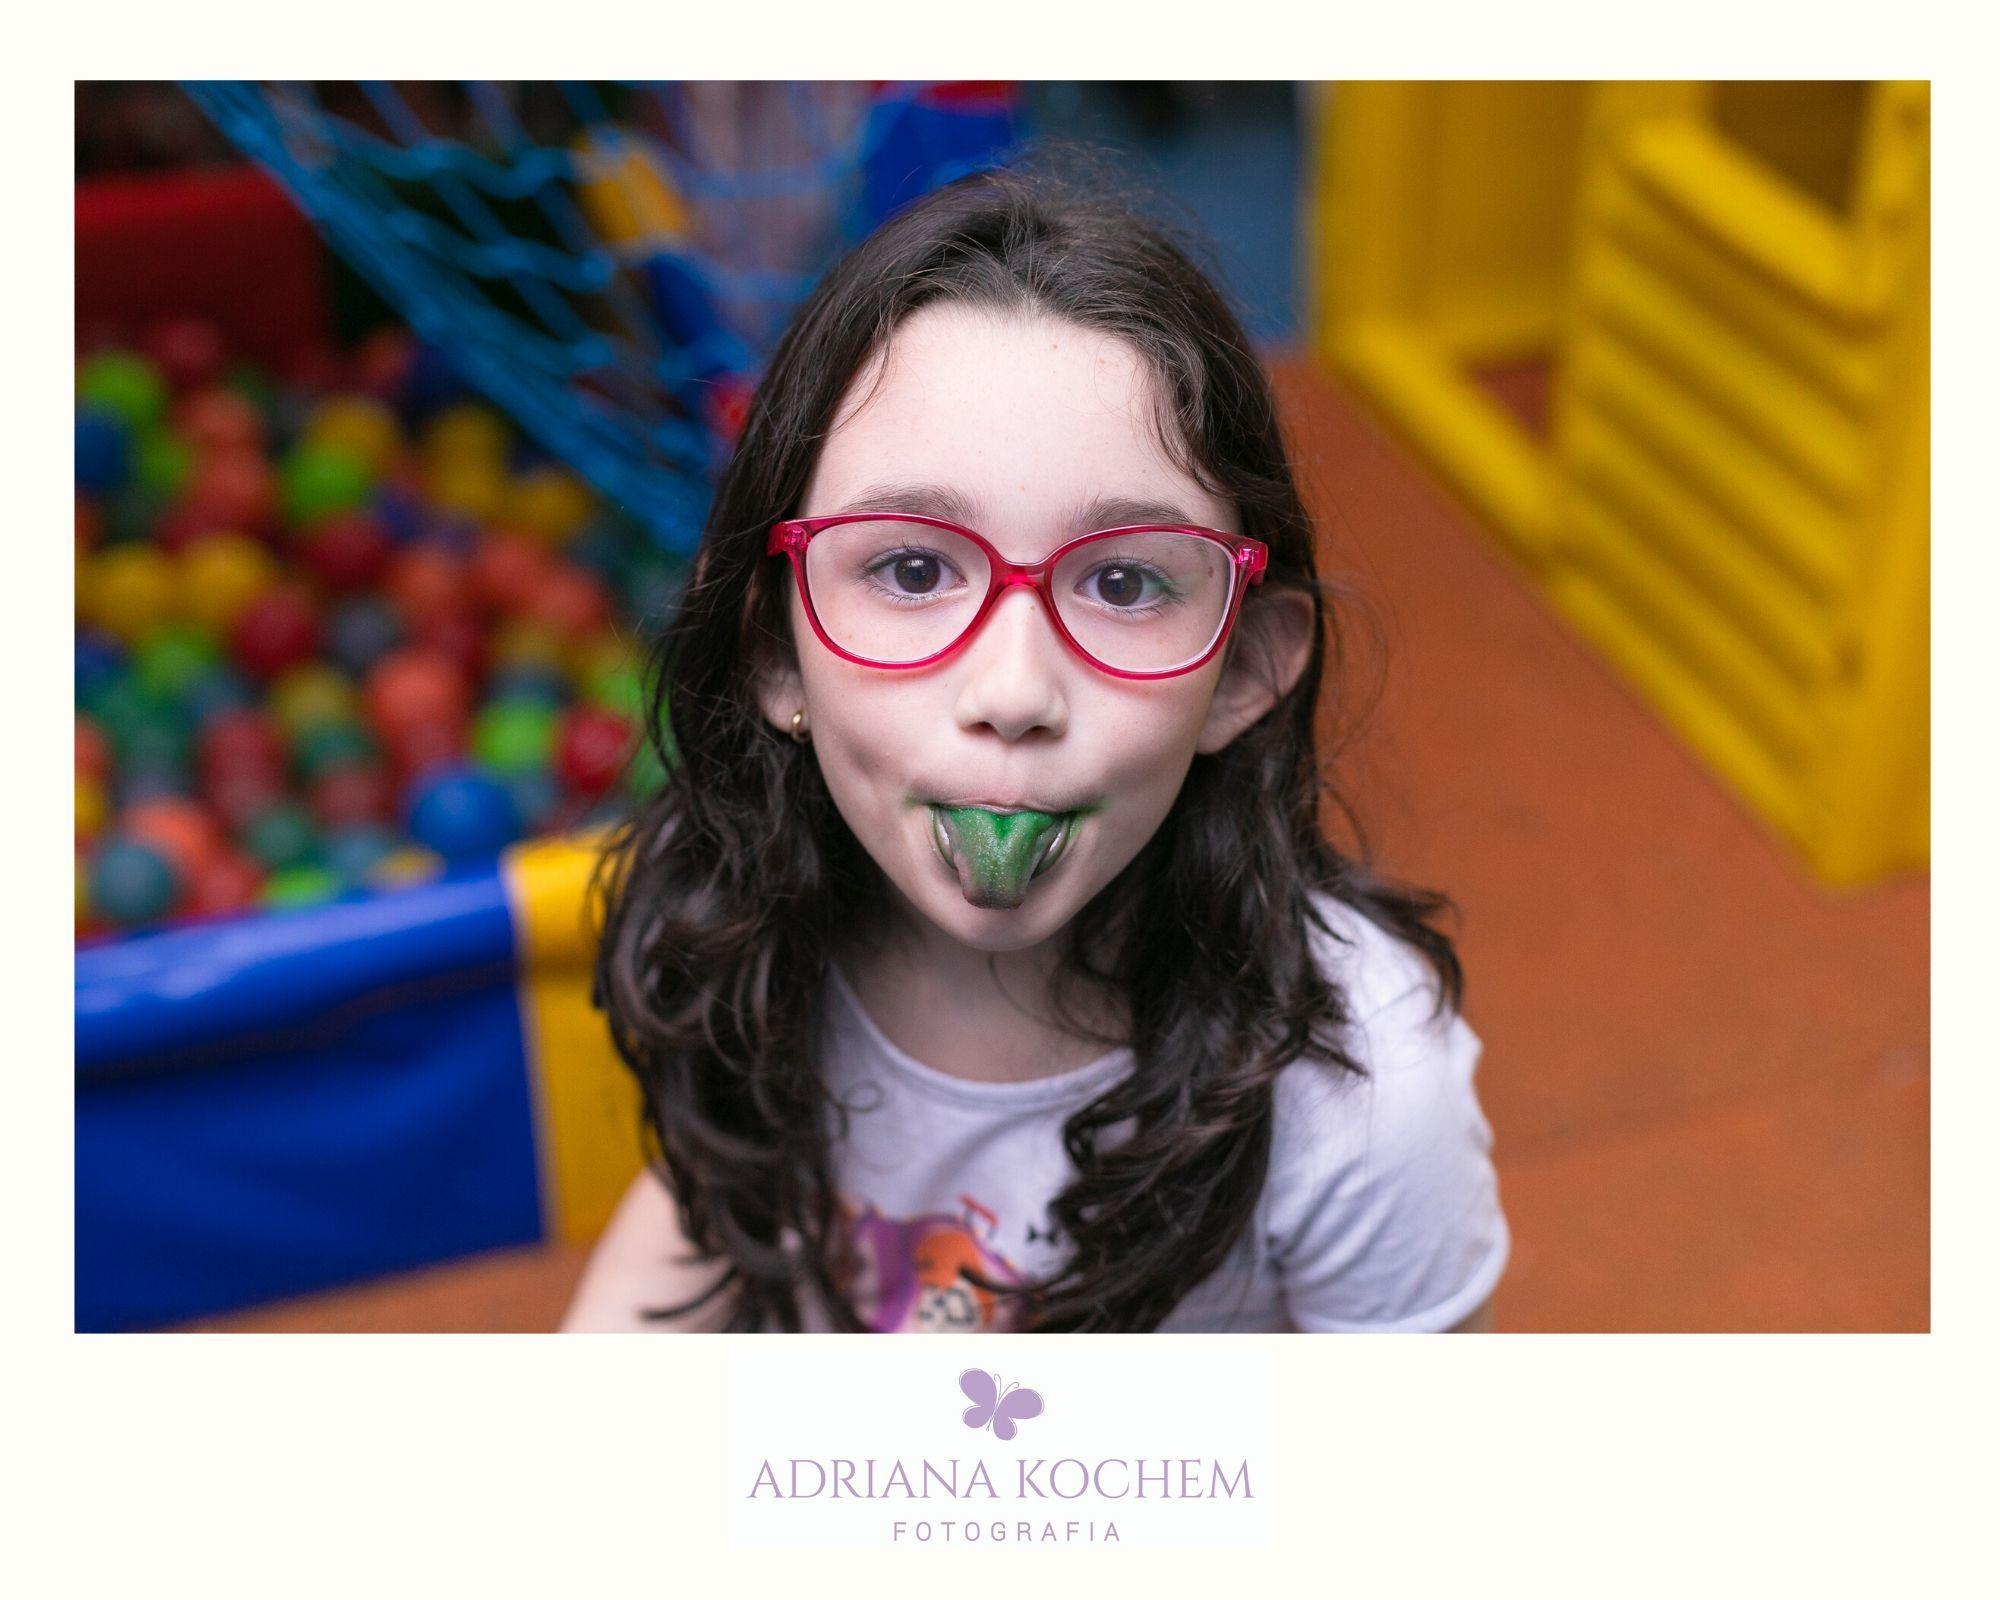 Contate Adriana Kochem | Fotografia de Aniversários e Festas Infantis | Petrópolis | RJ